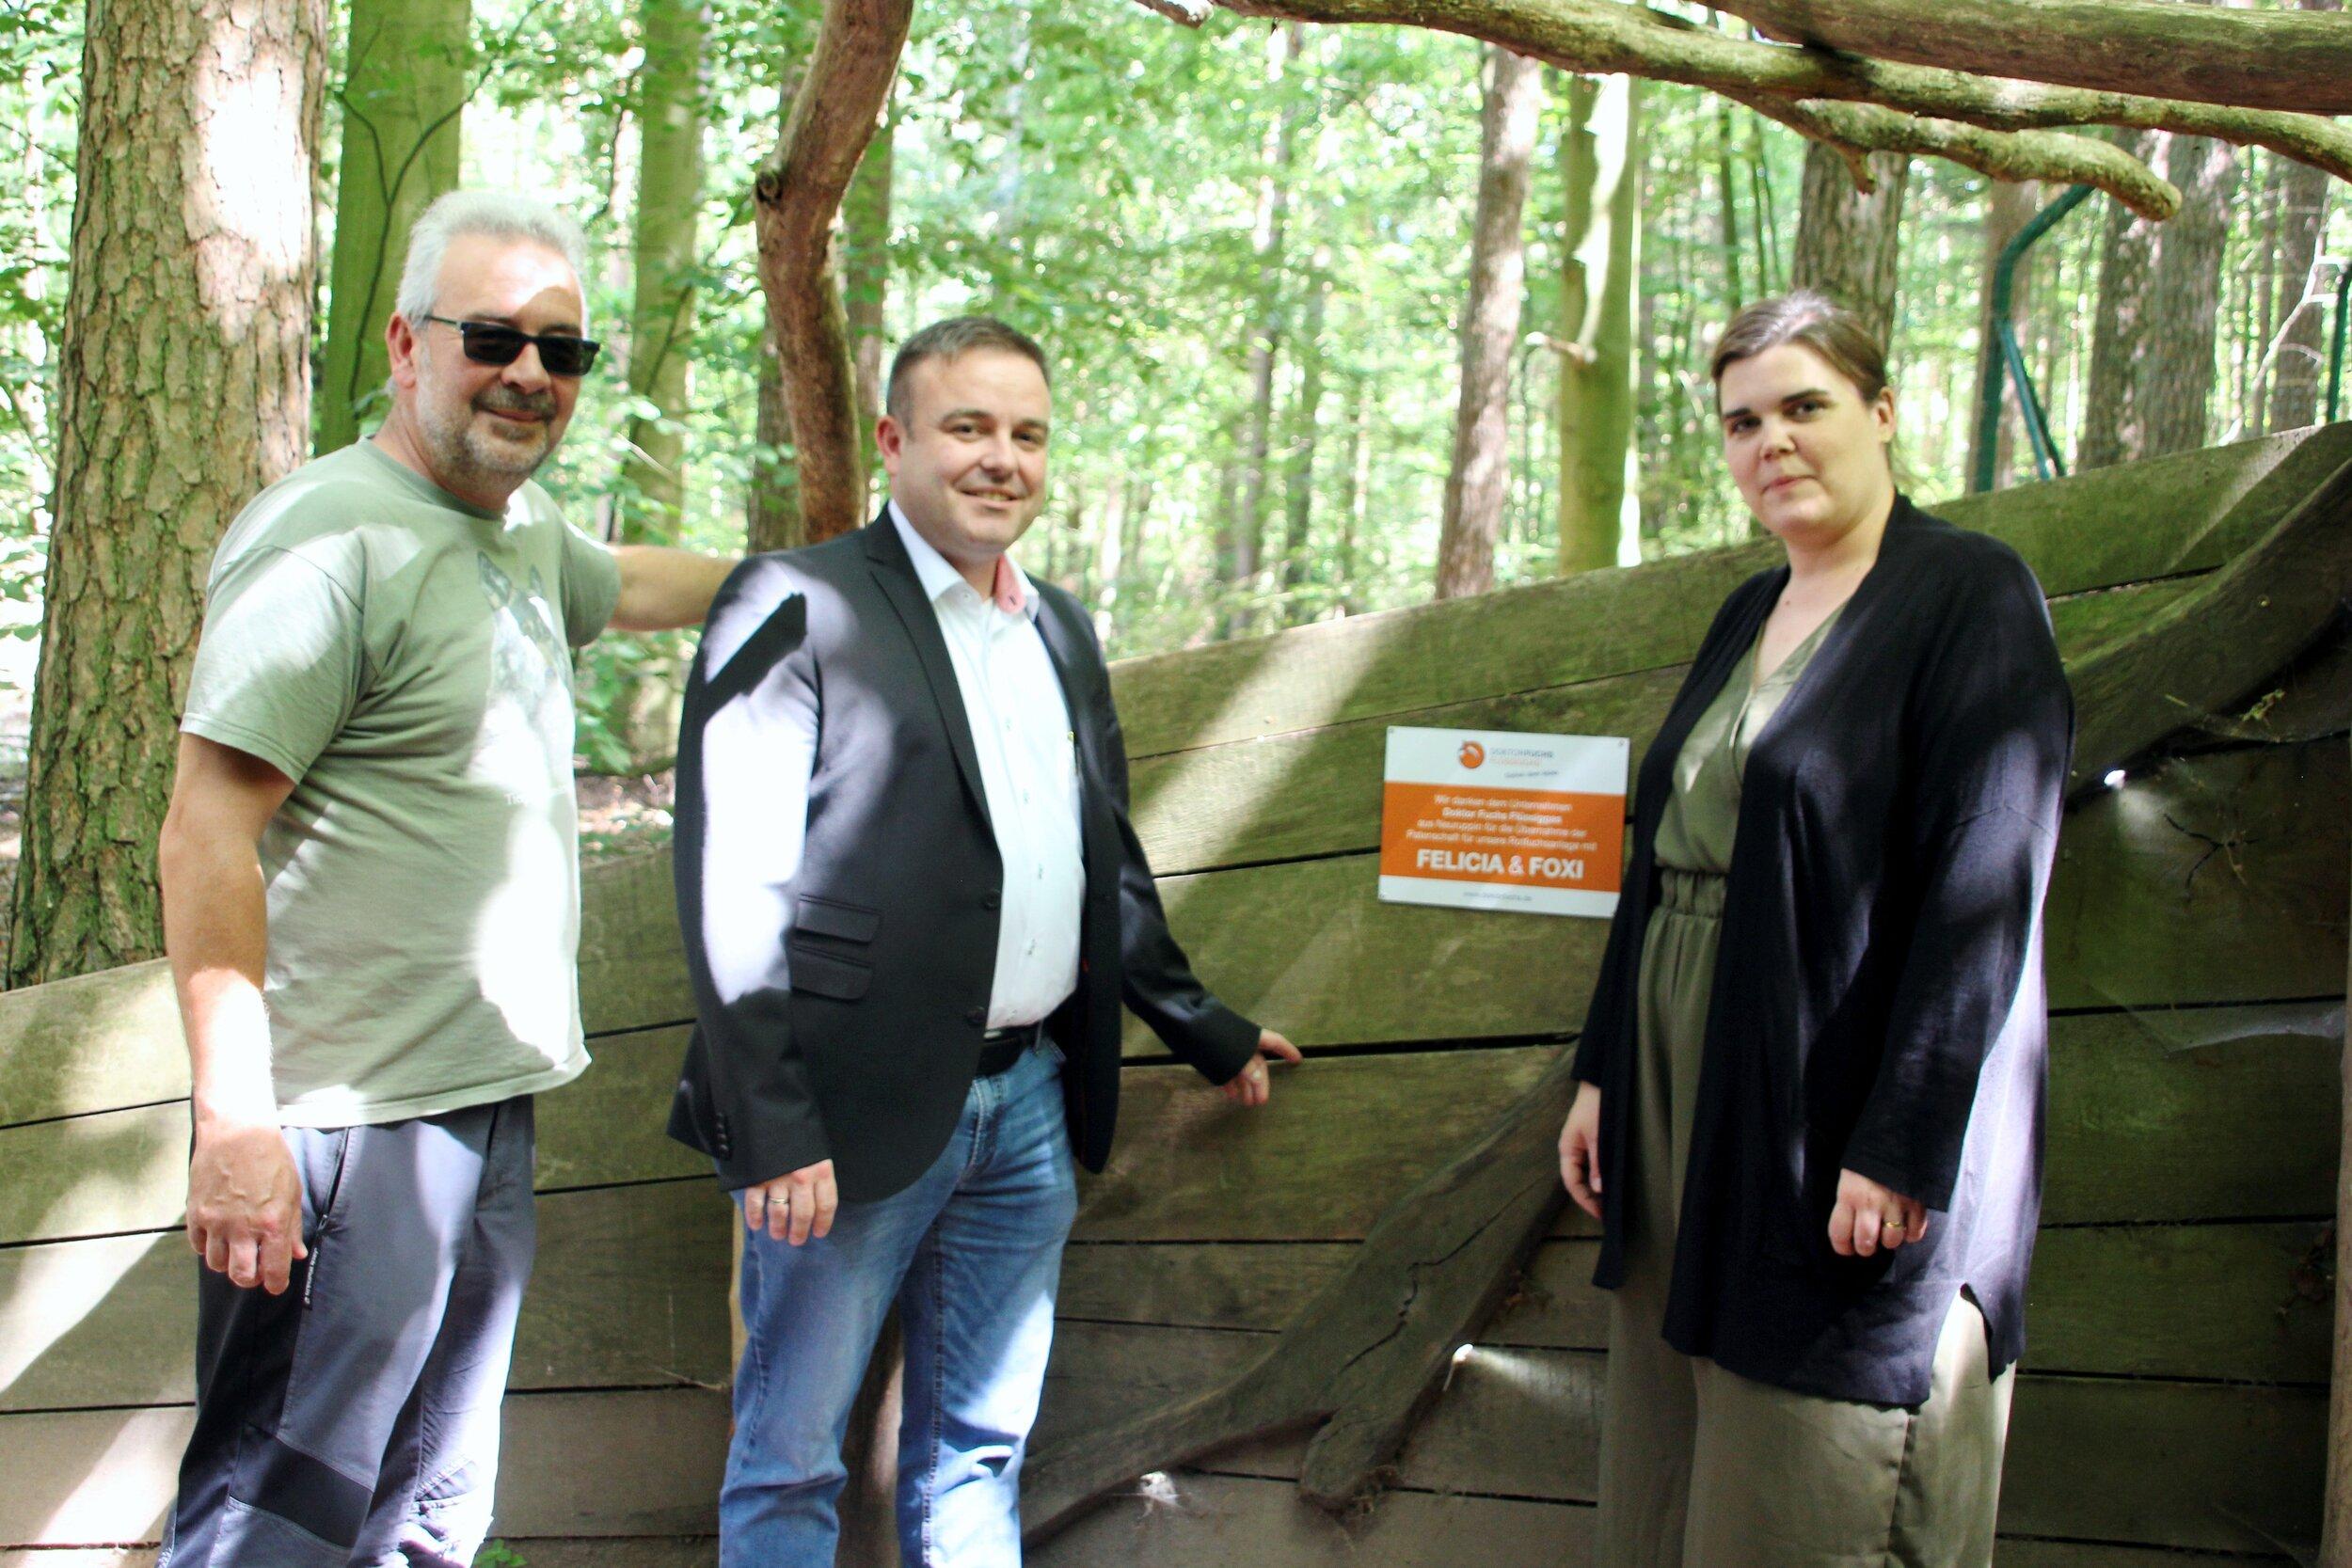 Foto: Judith Melzer-Voigt, Ruppiner Anzeiger